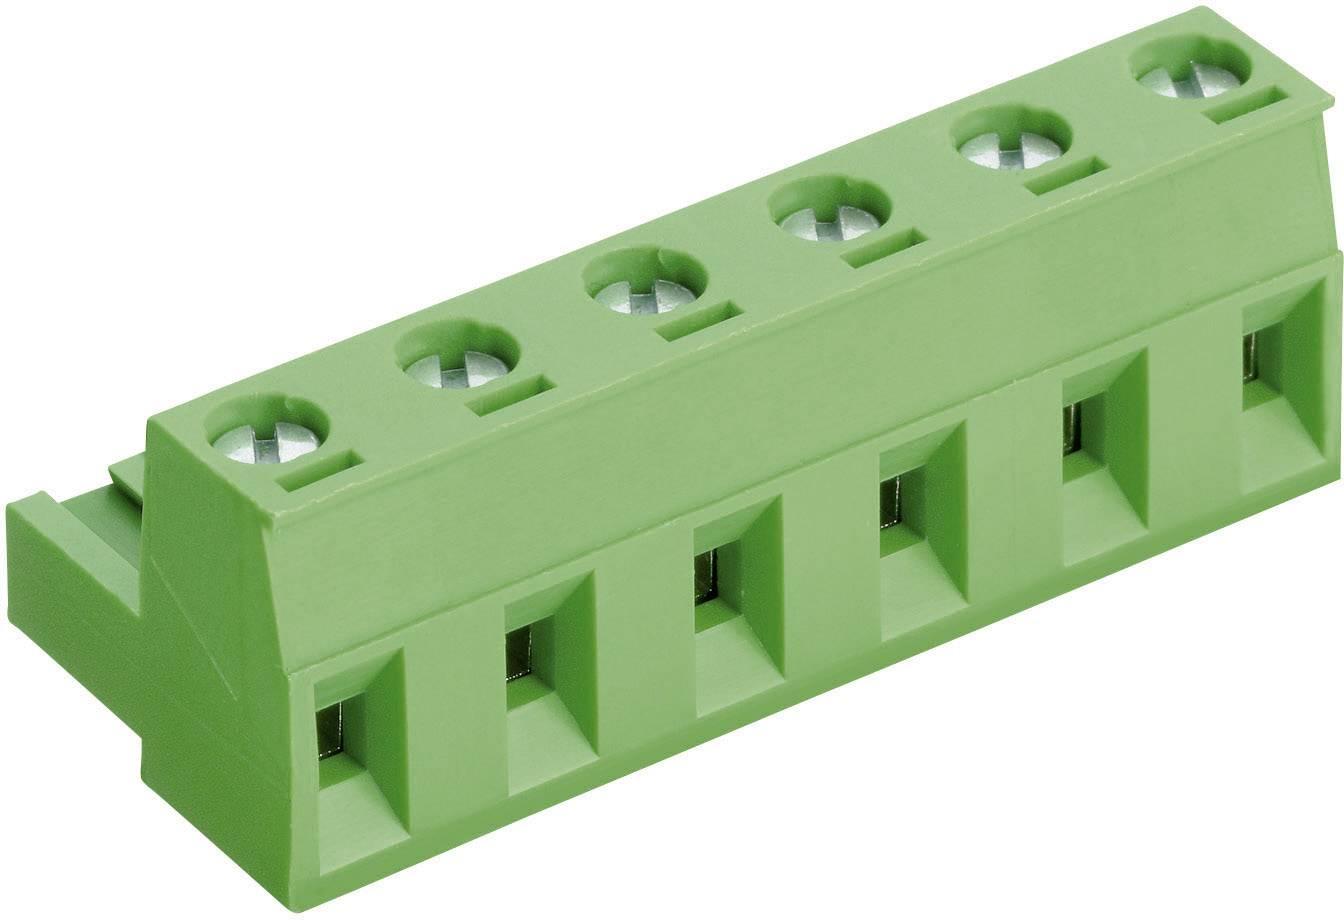 Šroubová svorka PTR AKZ960/10-7.62 (50960100021D), AWG 41995, 10, 7,62 mm, zelená